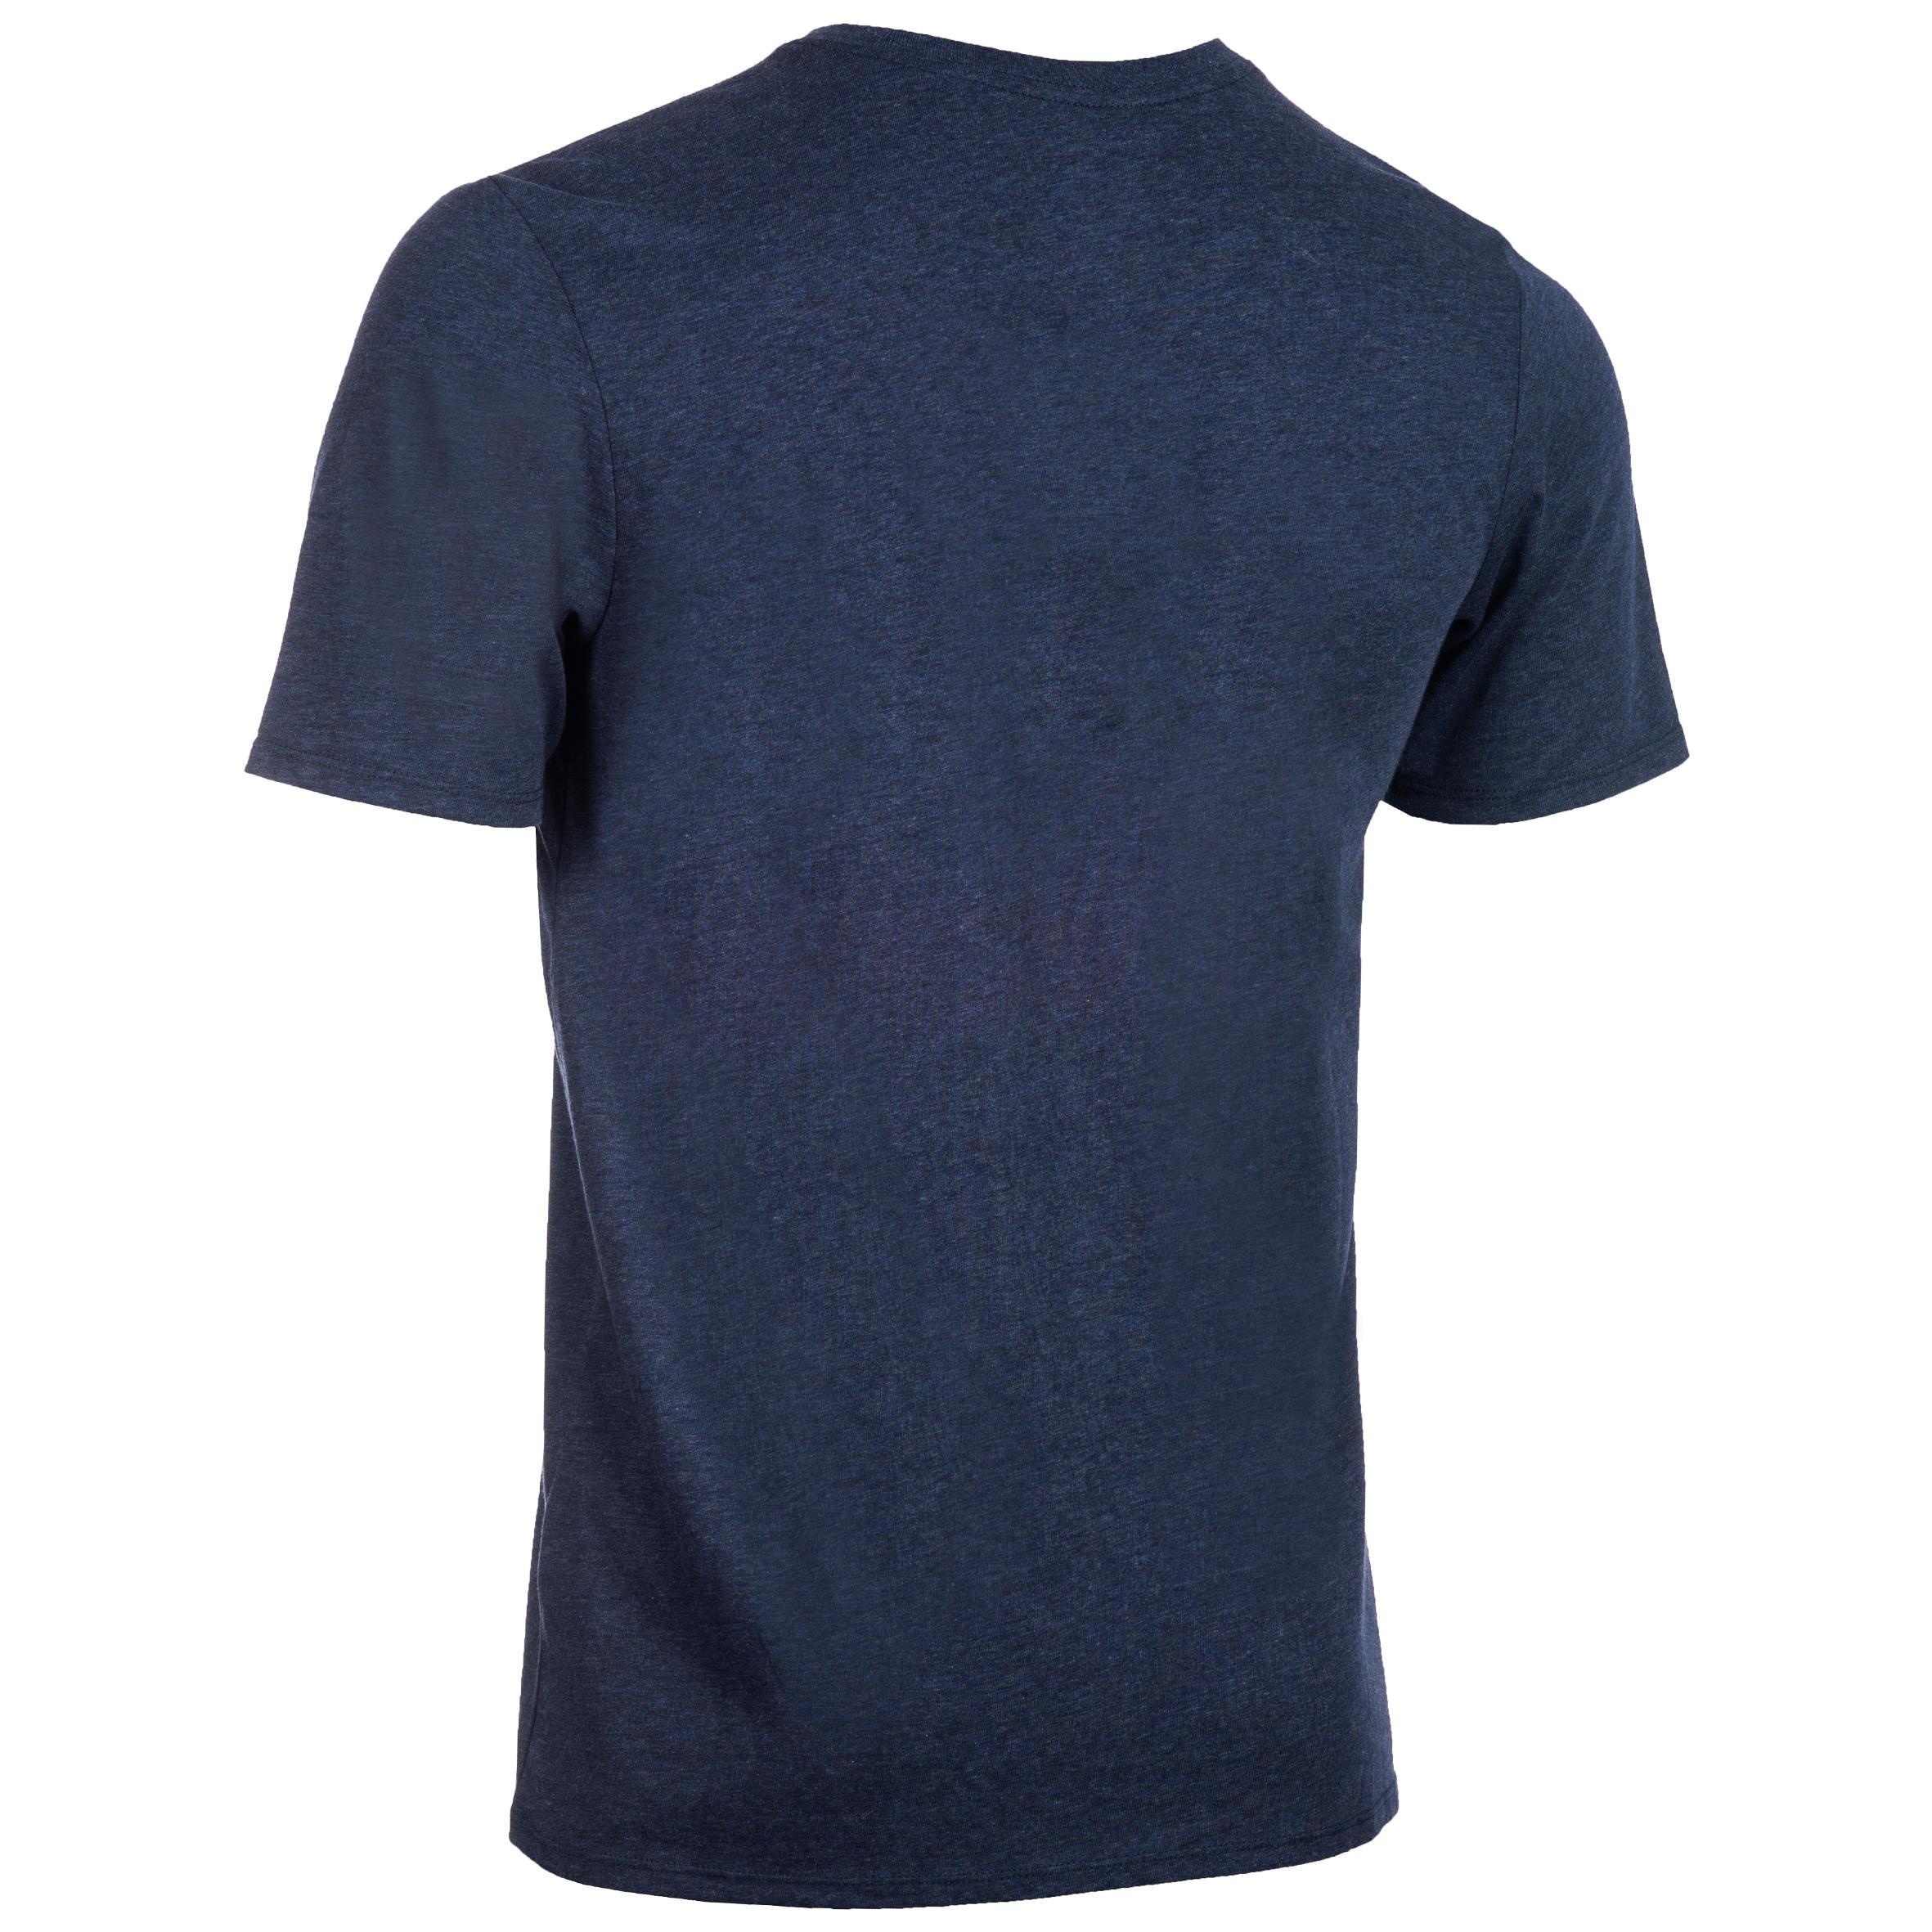 Stretching Homme Gym Bleu Shirt 20 T 500 Dfc Nike I7mbf6gyvY